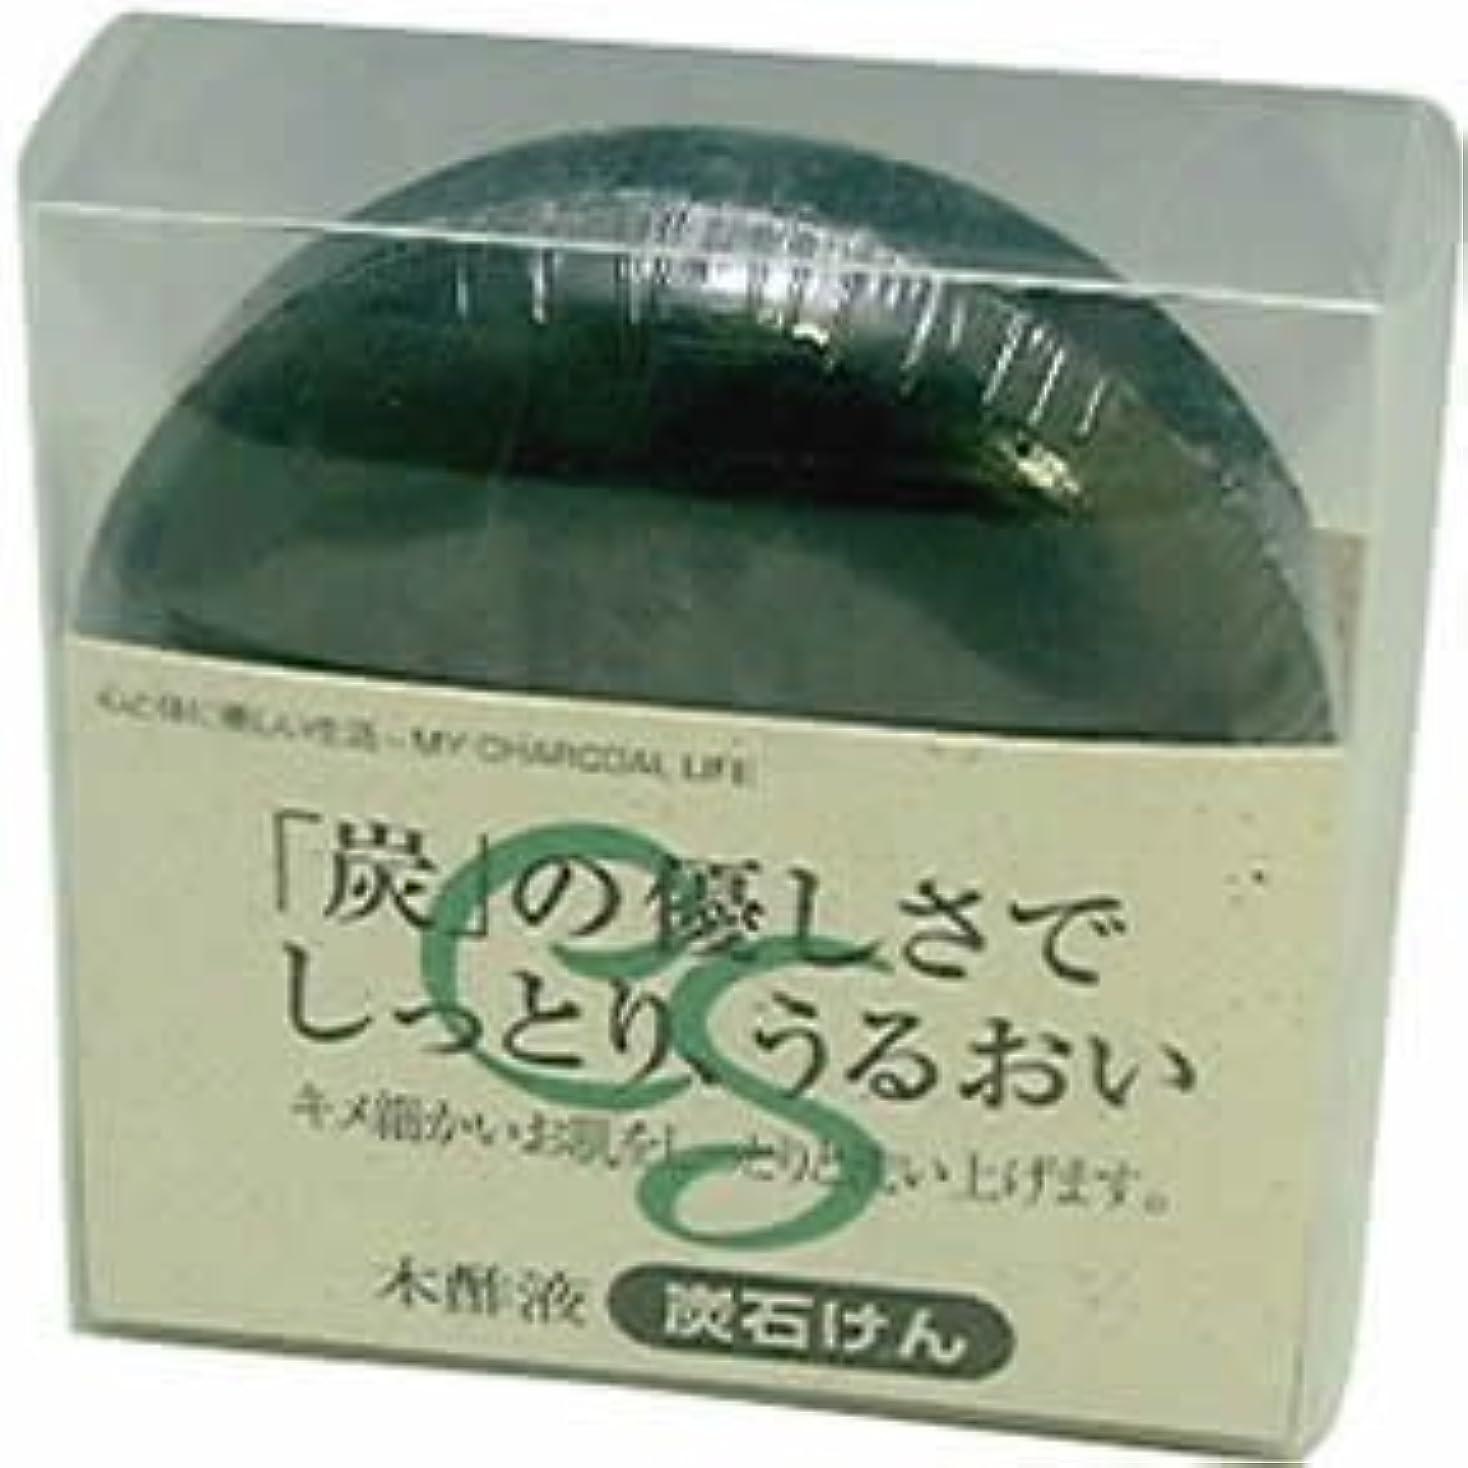 柔らかいコンソールシャーロットブロンテ炭せっけん 木酢液の香り